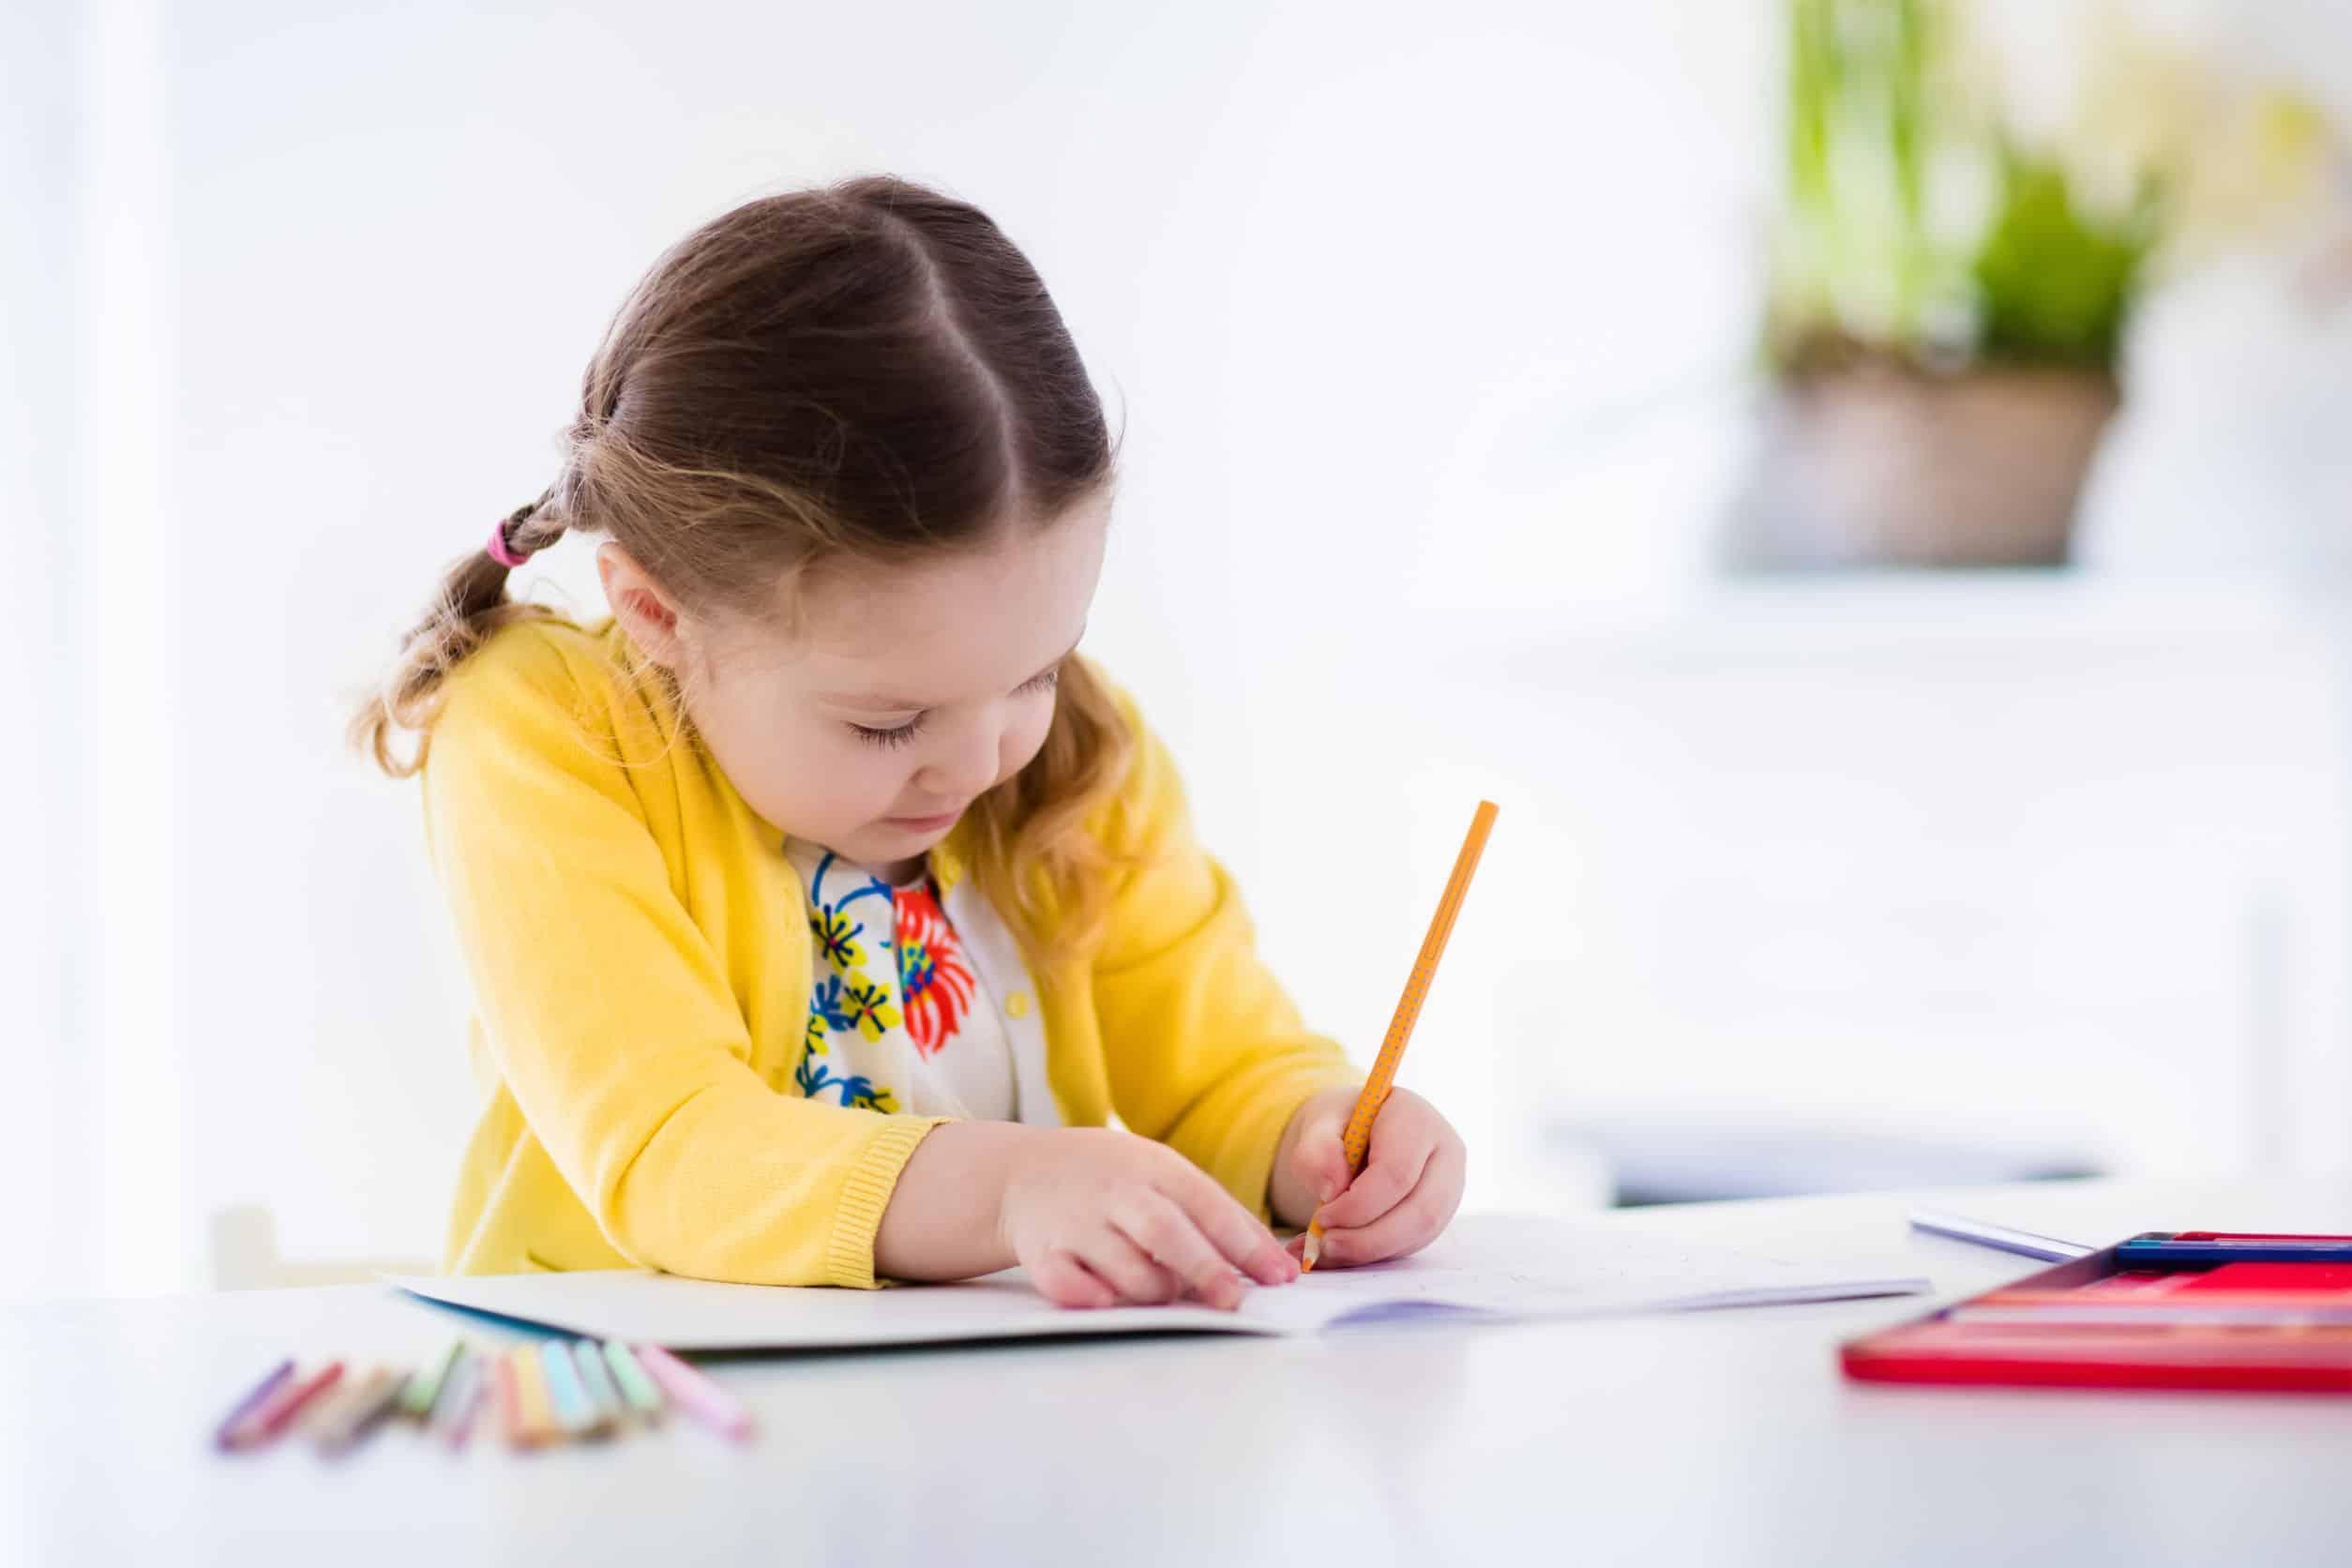 Foto de uma menina pintando um livro de colorir.